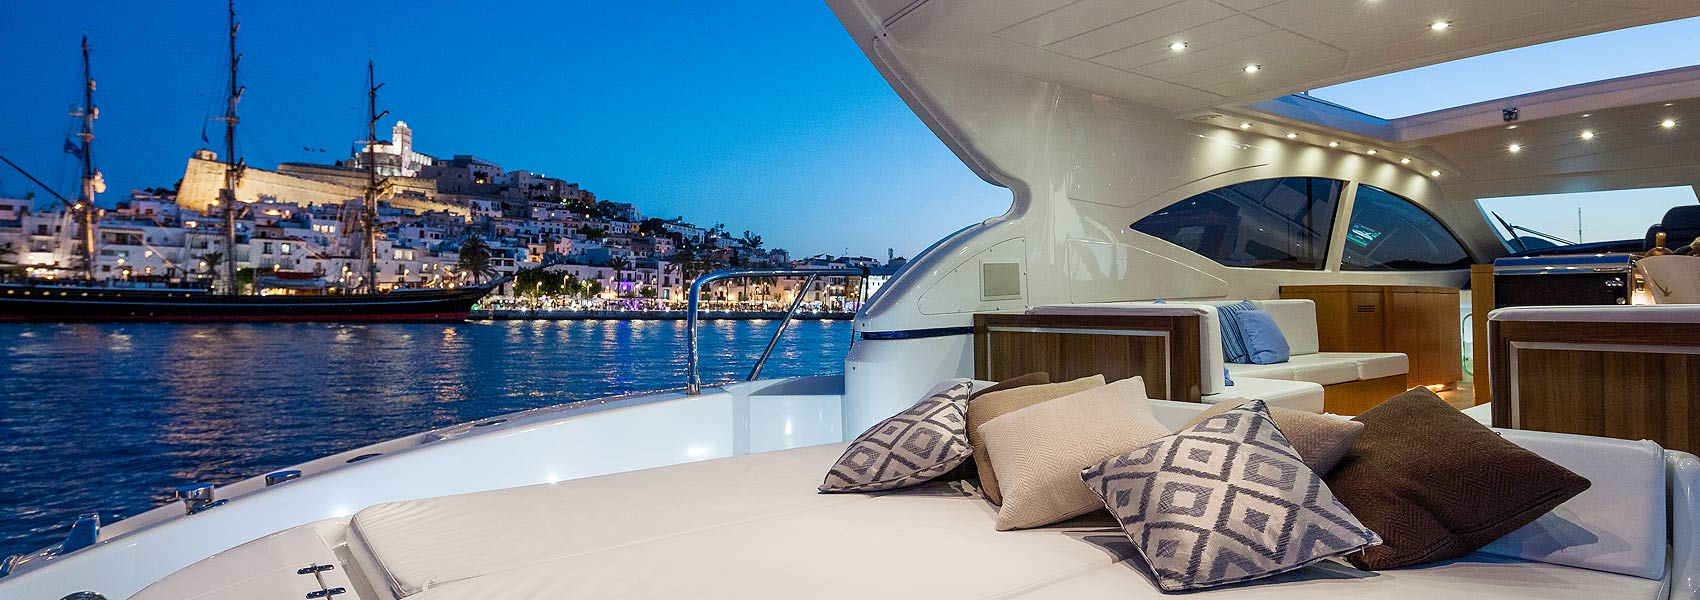 ibiza_charter_boats_sliders_4